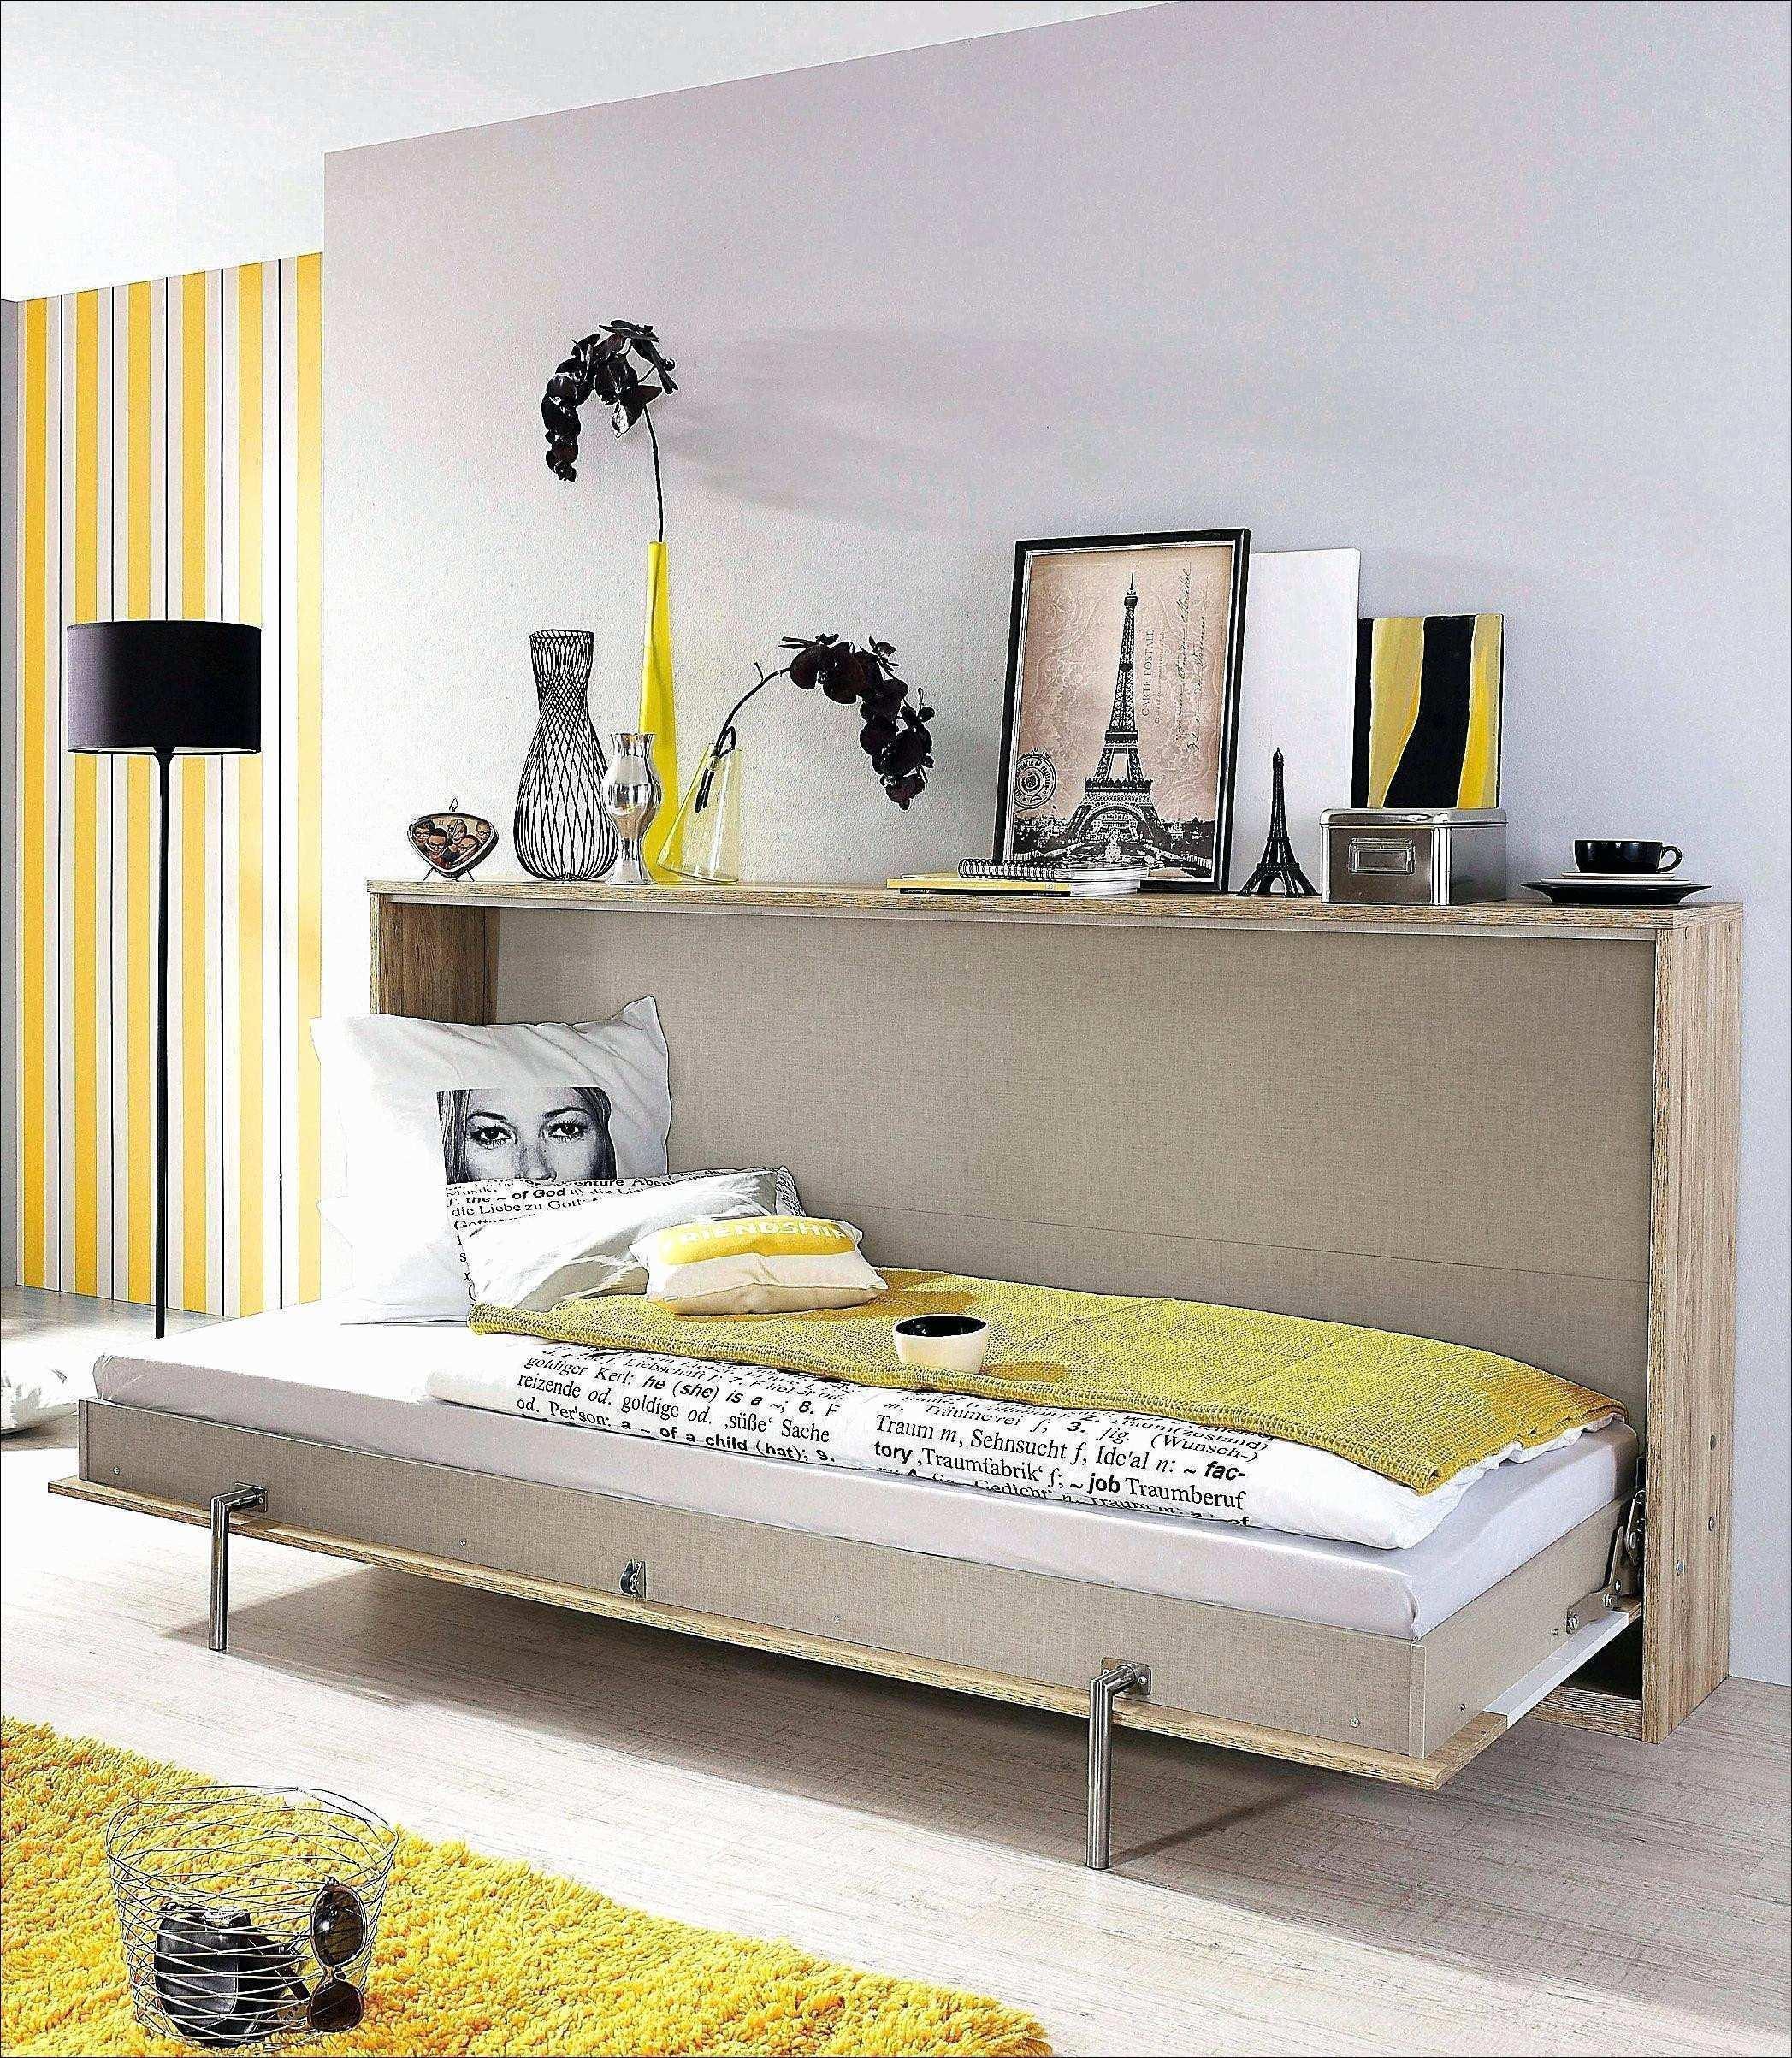 deko ideen selbermachen wohnzimmer ideen beste idee in sem jahr meinung von wanddeko wohnzimmer selber machen of wanddeko wohnzimmer selber machen